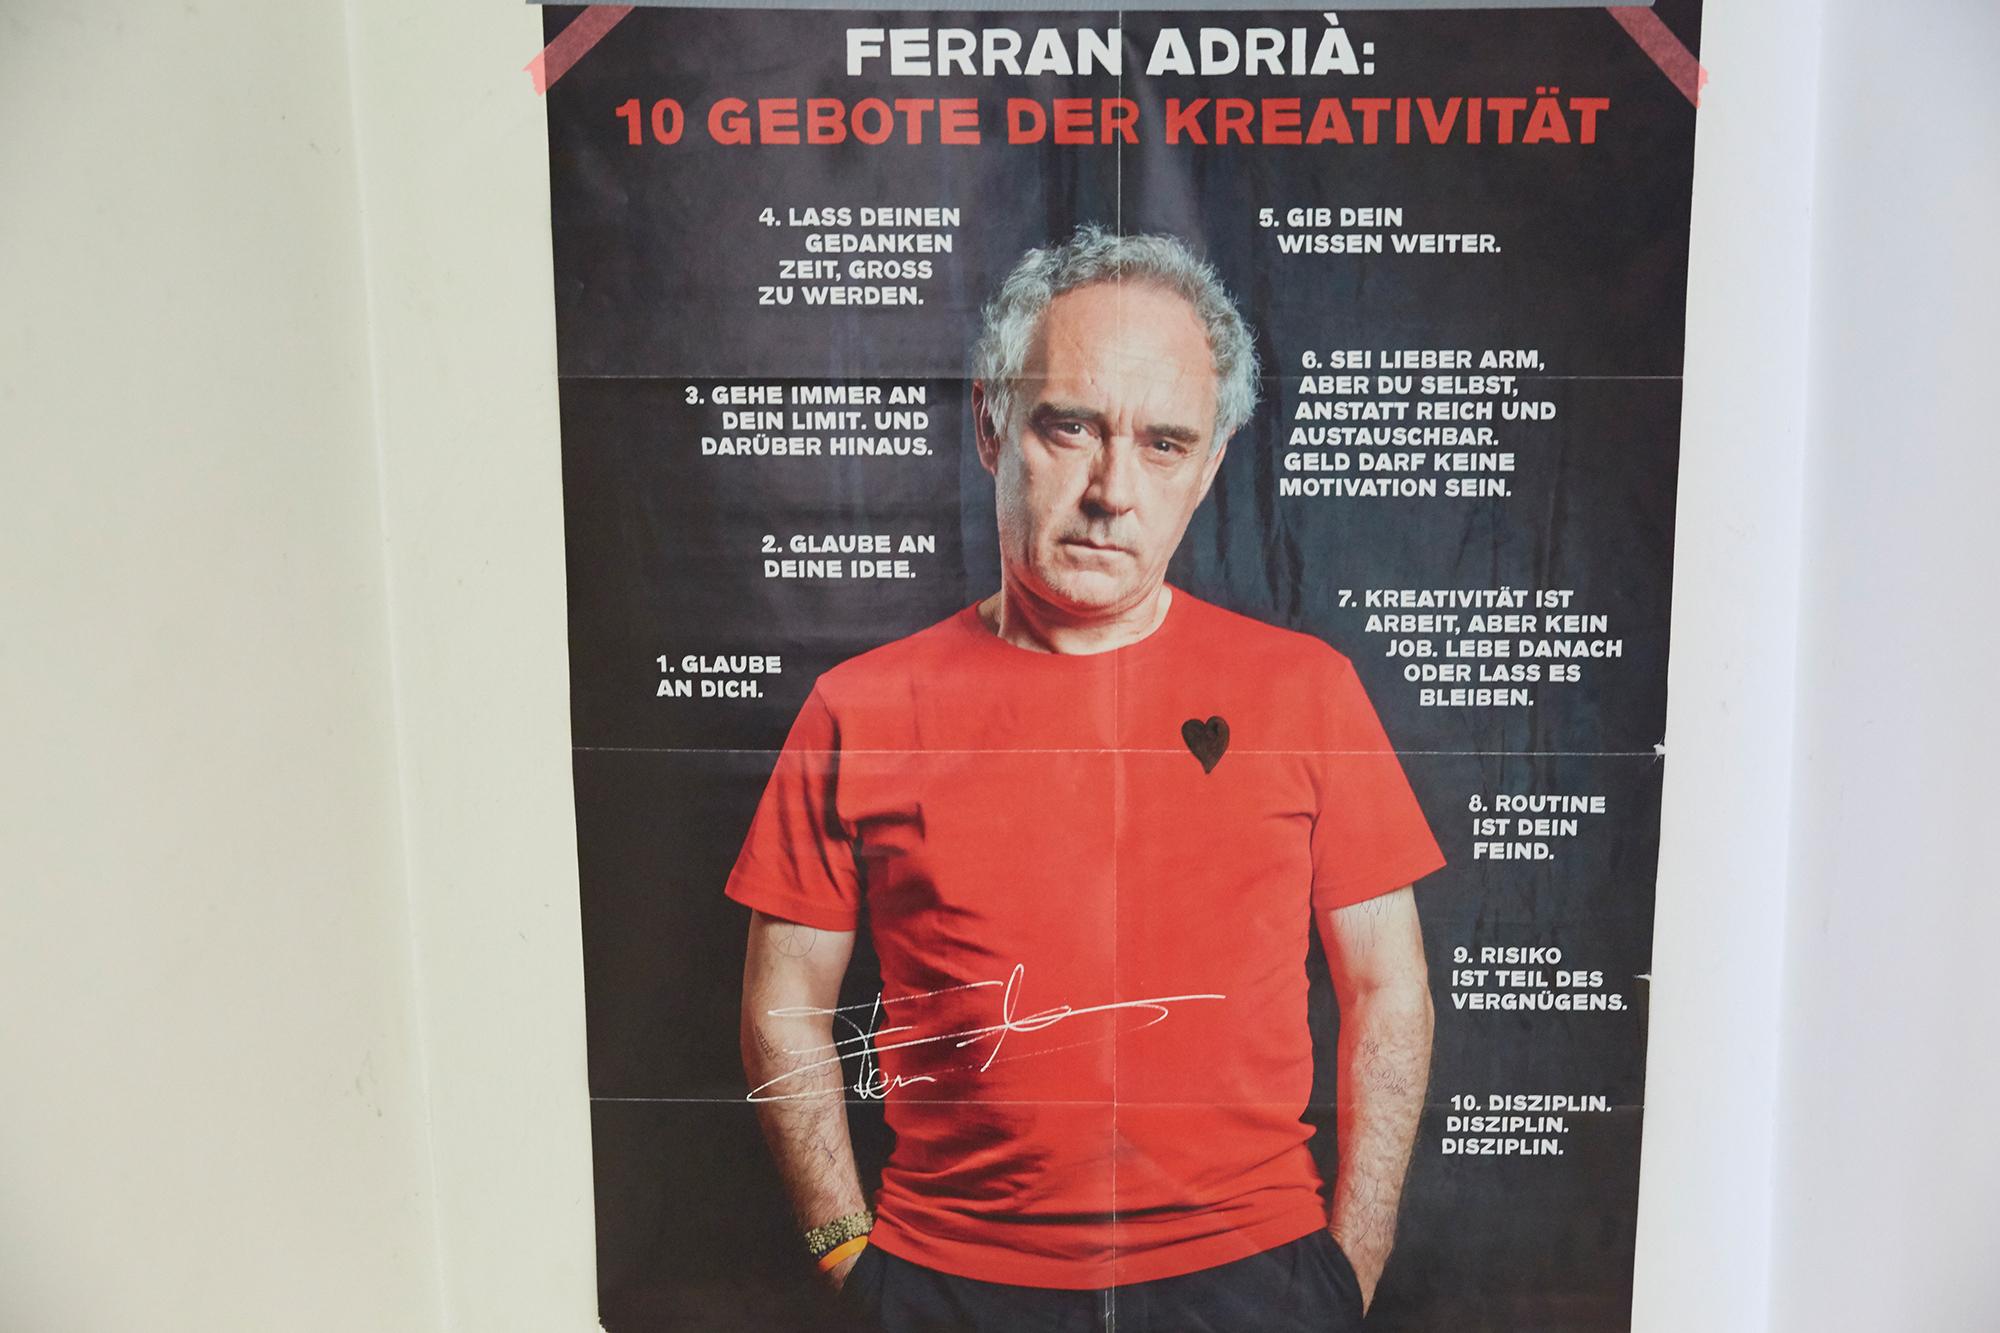 Hängen in der Stucki-Küche und bei Thierry Boillat über dem Sofa: Die zehn Gebote der Kreativität von Ferran Adrià